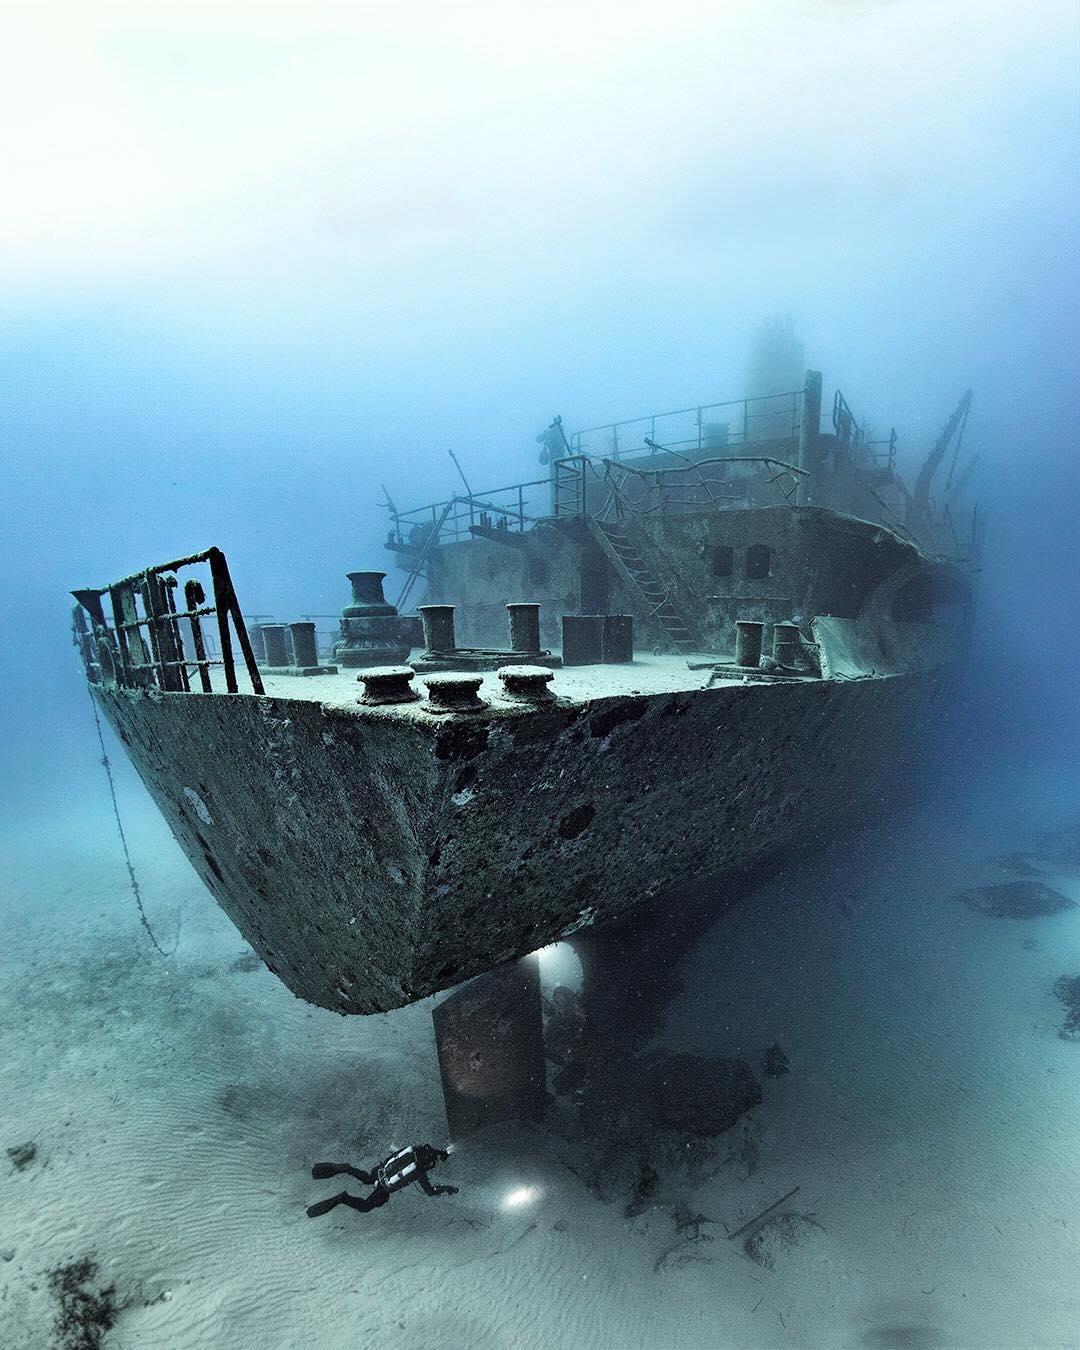 Жизнь под водой: завораживающие фотографии Алекса Доусона